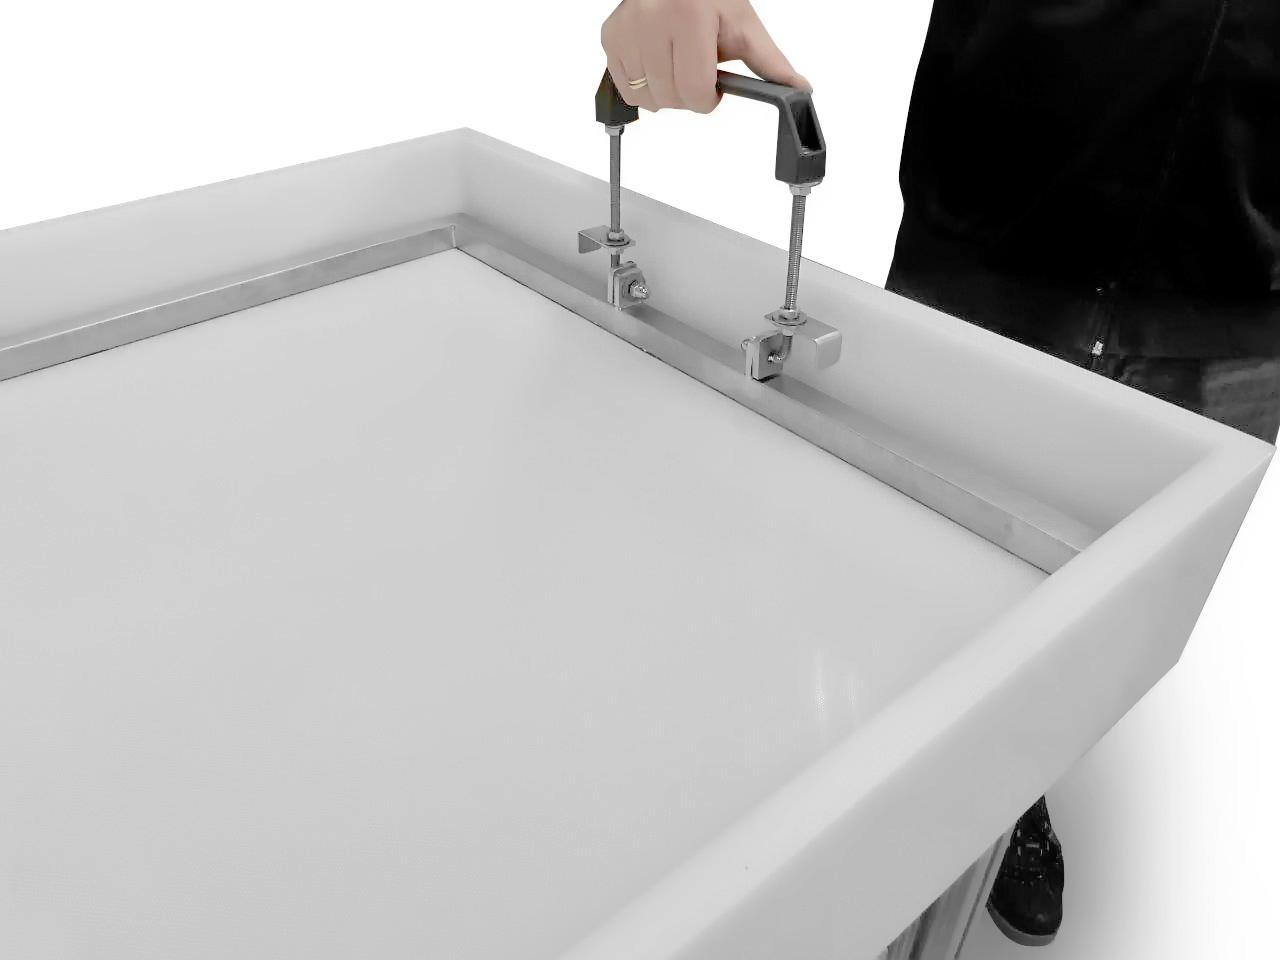 Waschwannen – BELO Restaurierungsgeräte GmbH